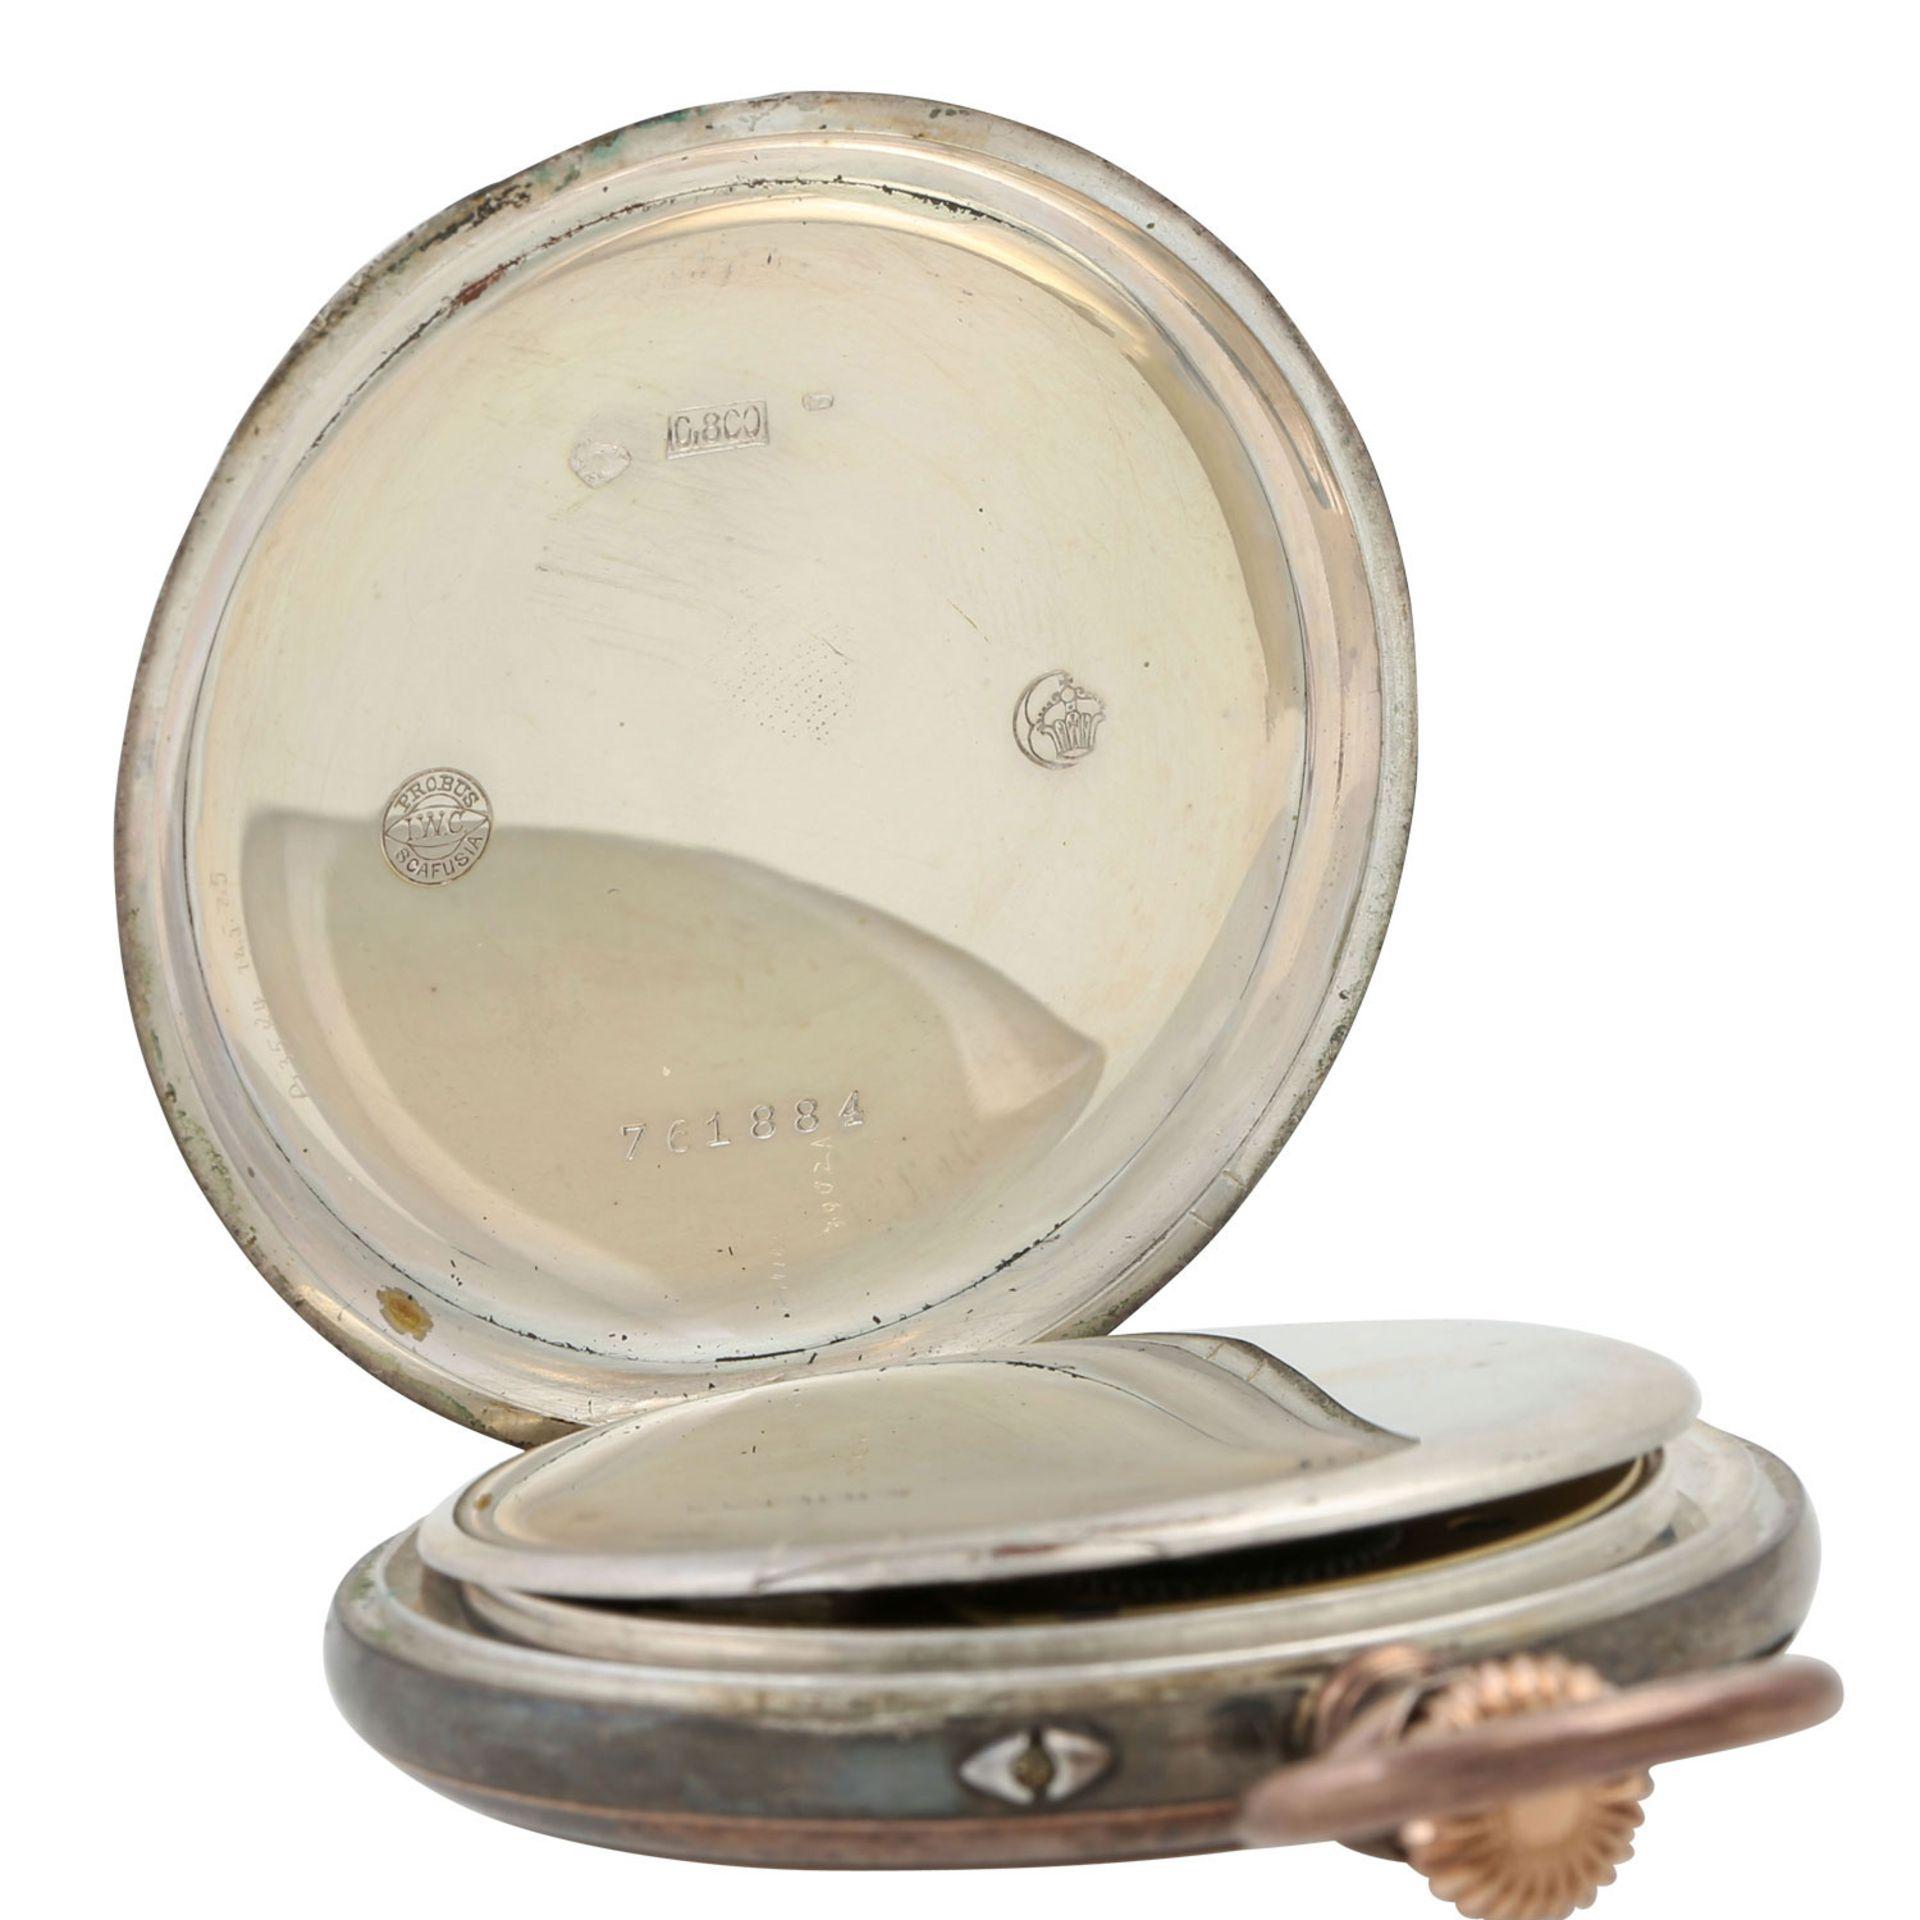 IWC Lepine Taschenuhr. - Bild 6 aus 7